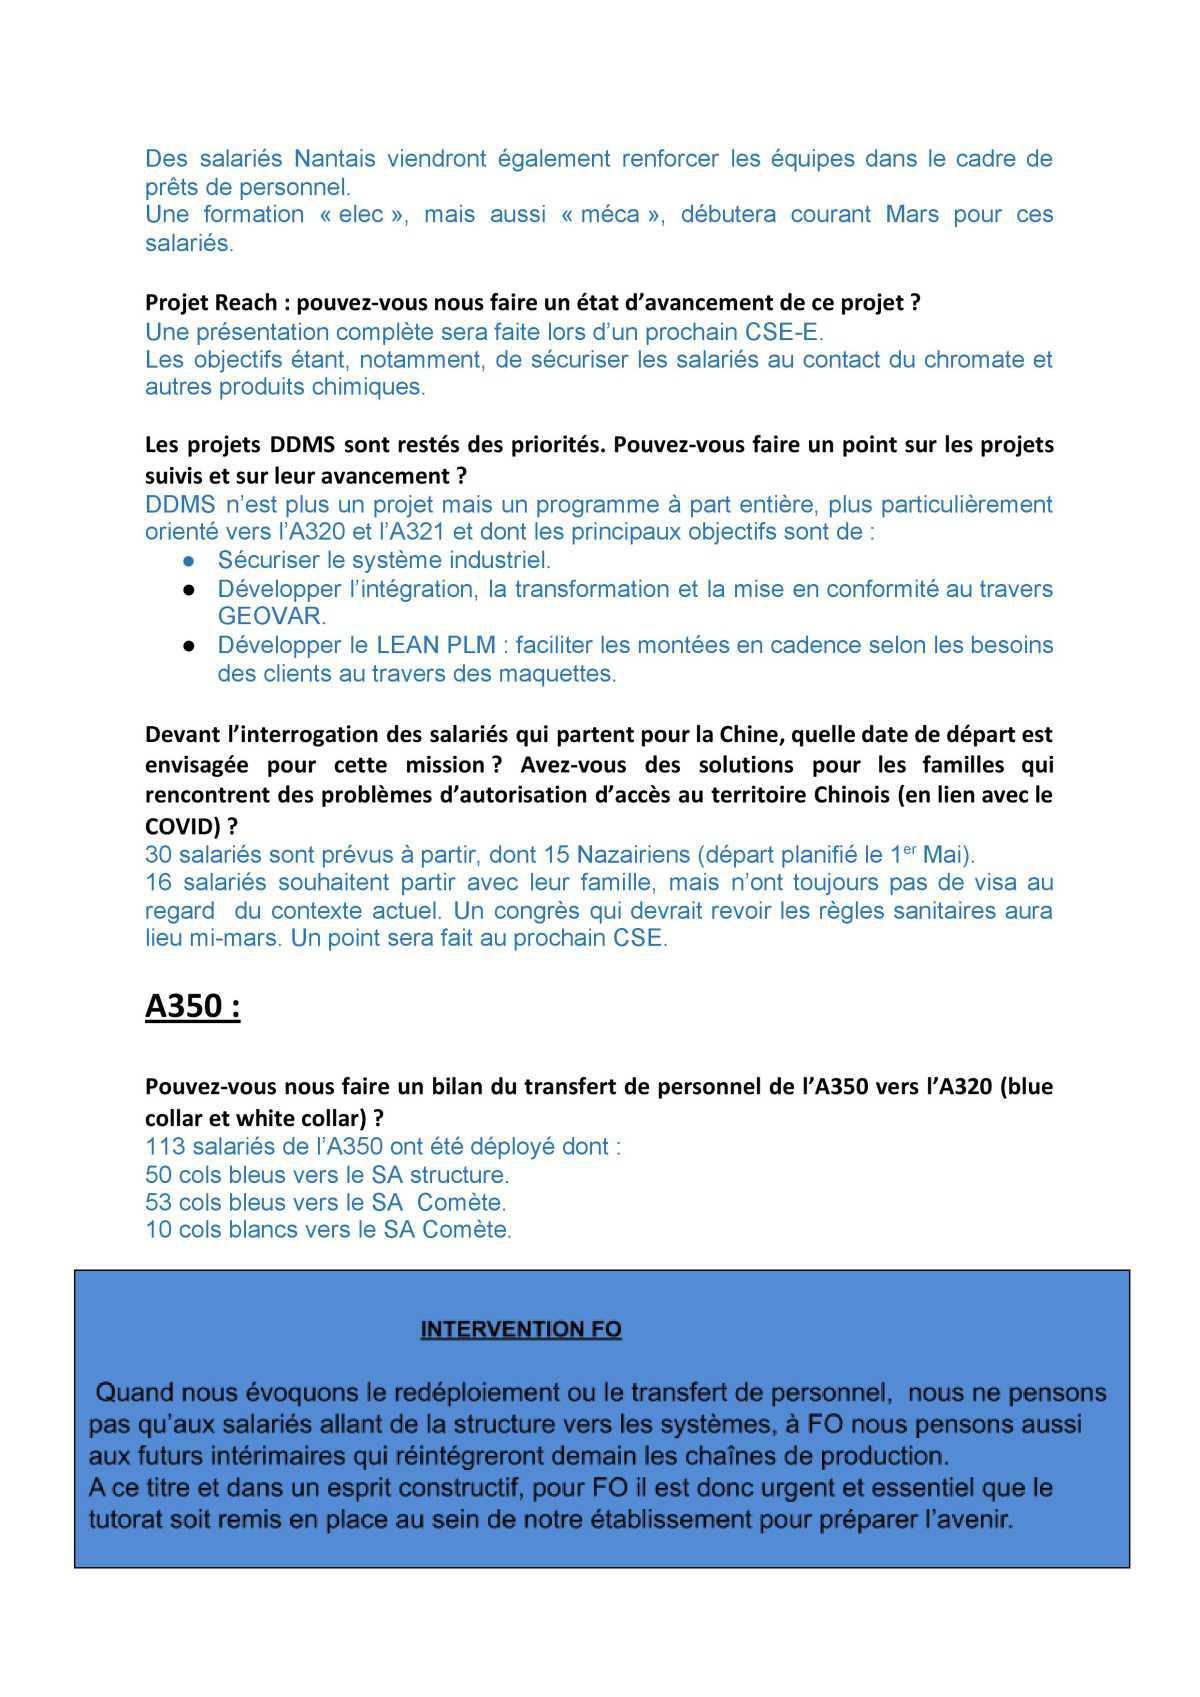 Compte rendu du Comité Social Economique du 26 Février 2021